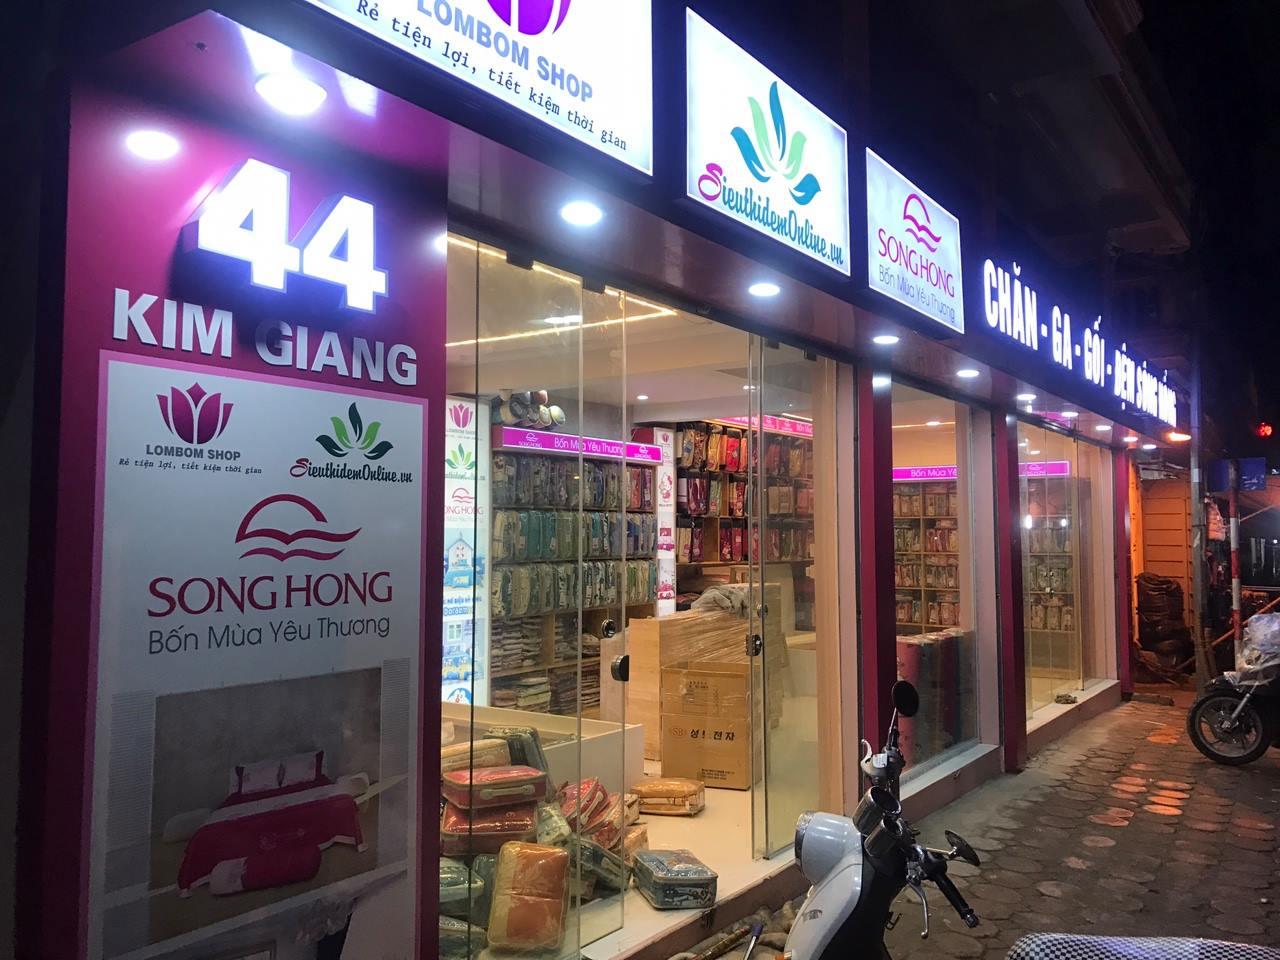 Showroom chăn ga gối đệm Sông Hồng số 44 đường Kim Giang, Thanh Xuân, Hà Nội